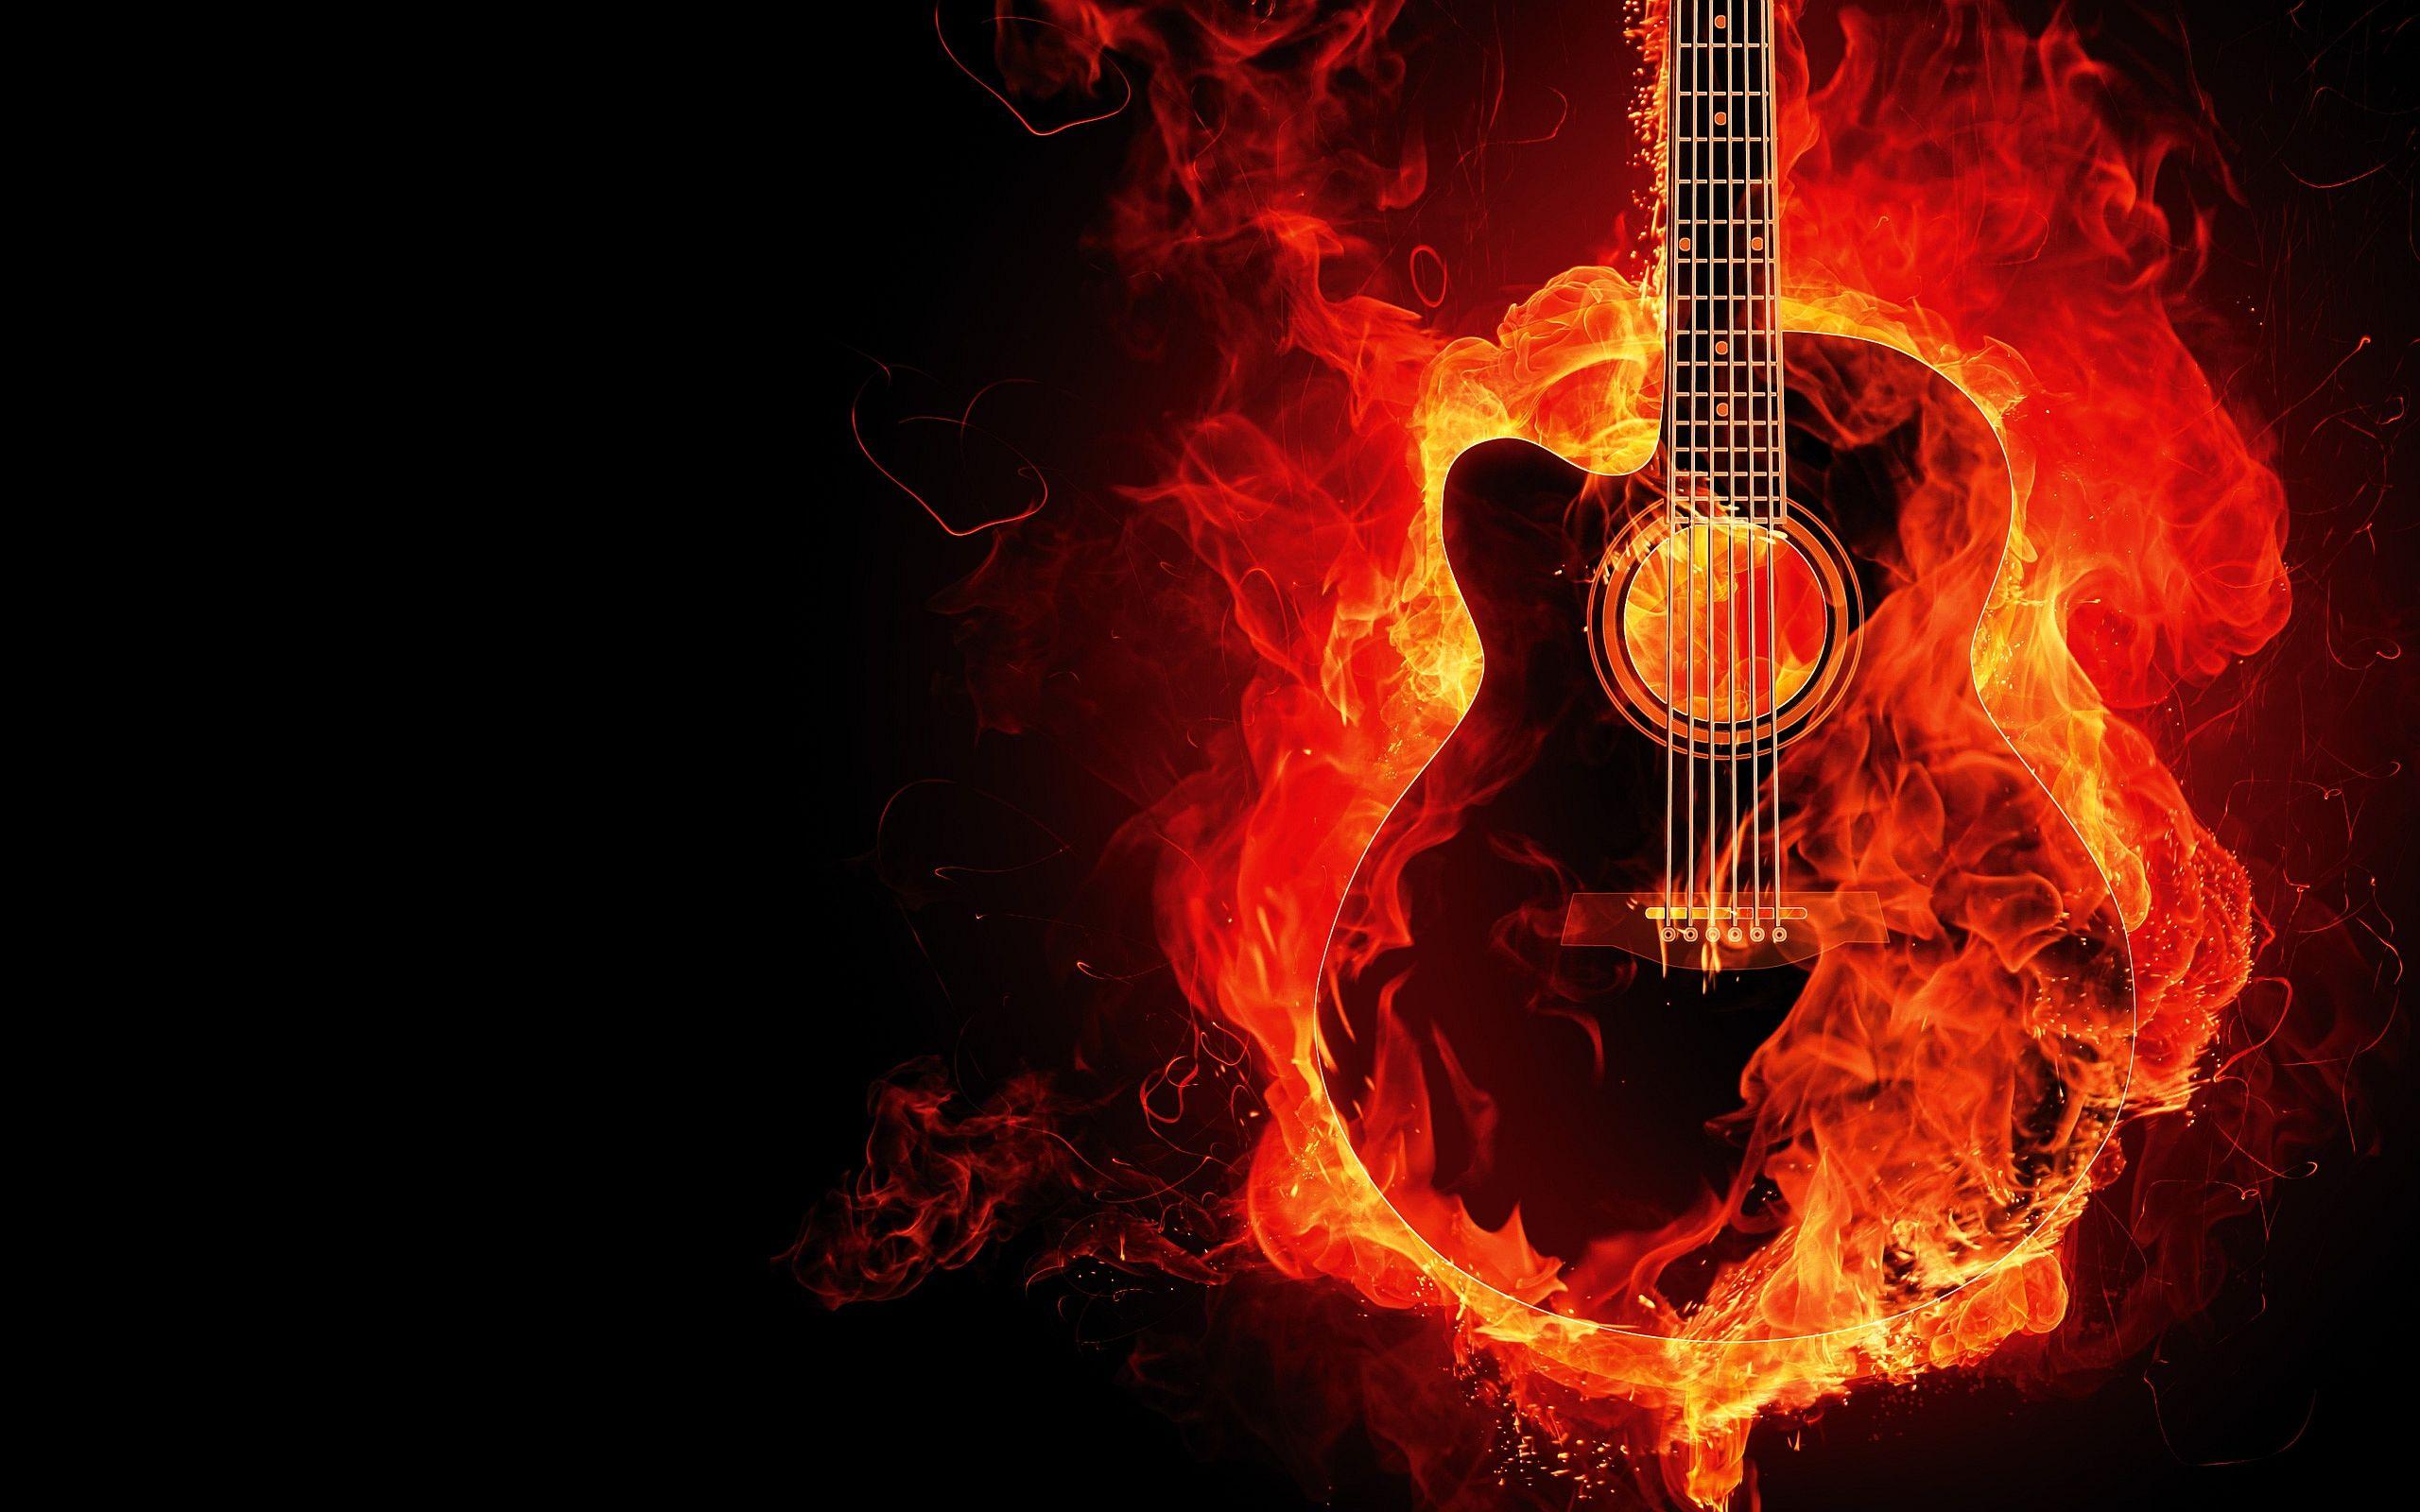 fire guitar art 21270